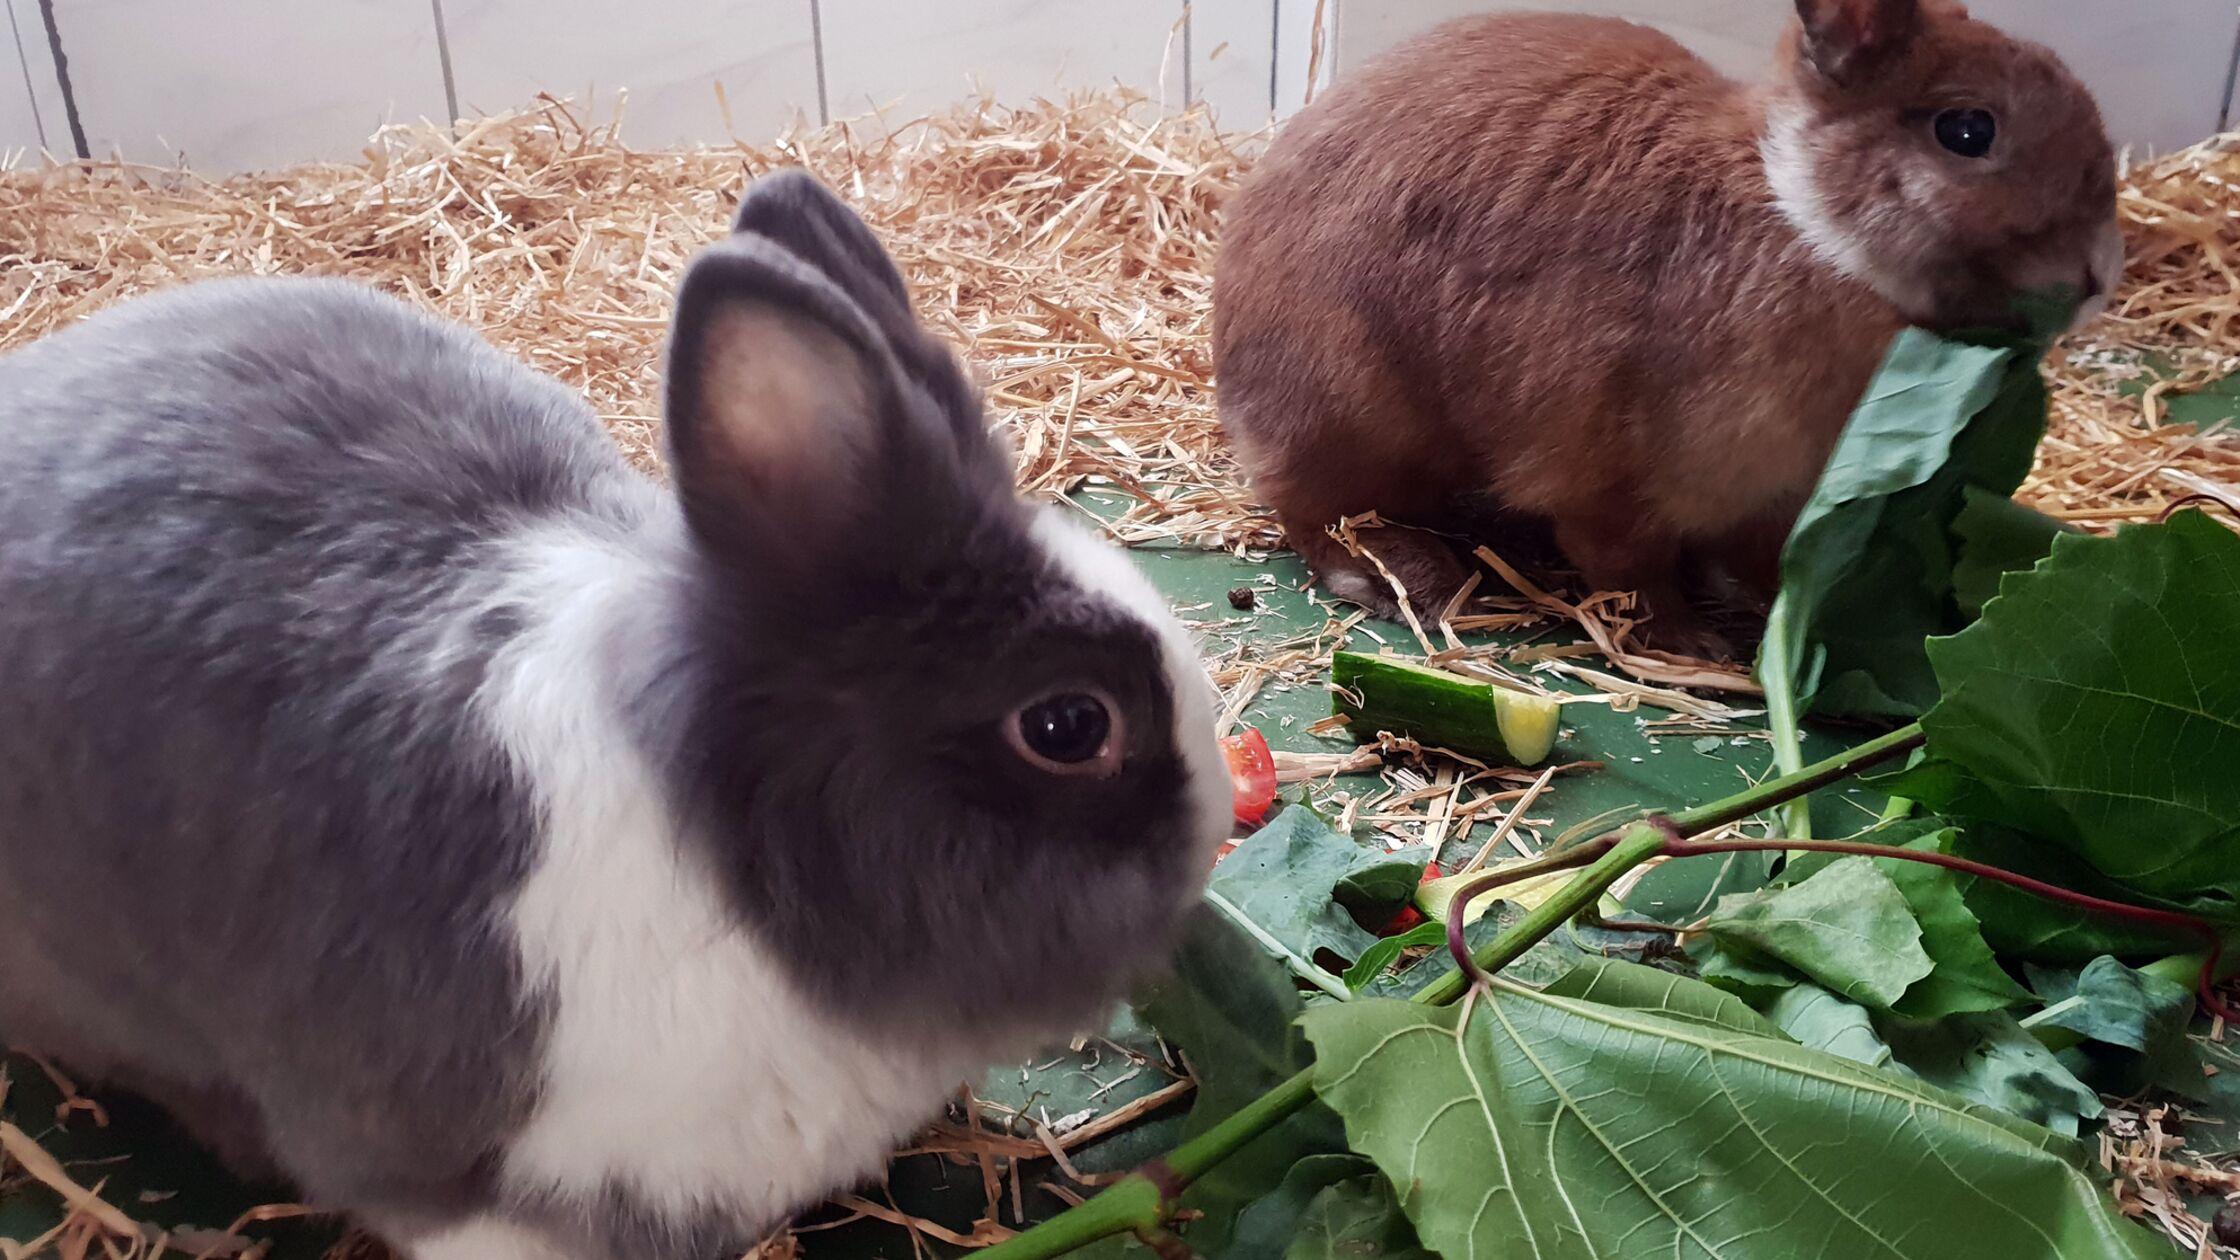 Wohnungskaninchen fressen frisches Grünzeug